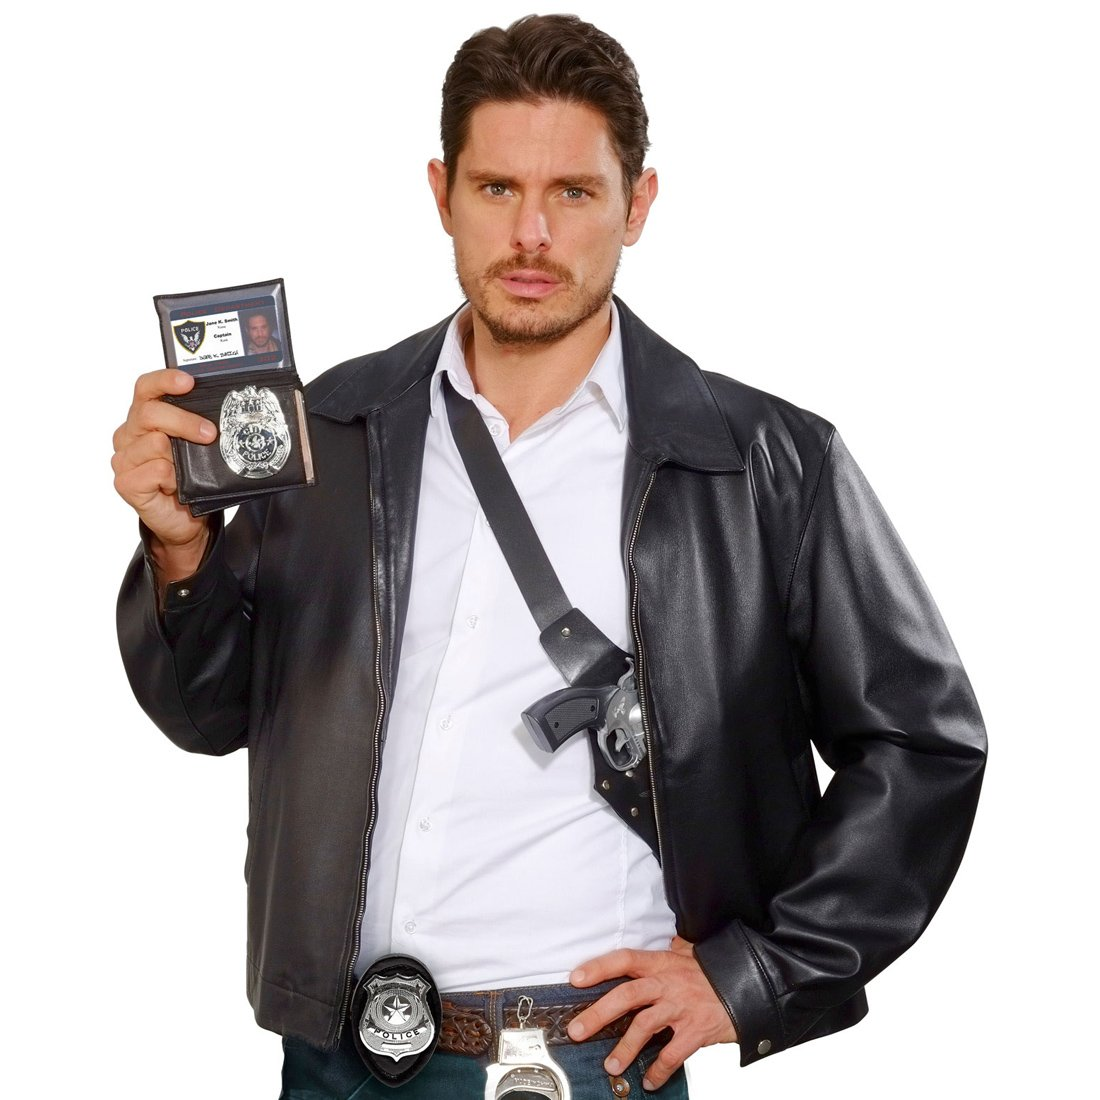 Amakando Distintivo policial Placa de polic/ía Se/ñalizaci/ón de Rango en el Cuerpo de polic/ía Accesorio Disfraz Oficial Marca de polic/ía con Cadena Colgante de Agente de la Ley